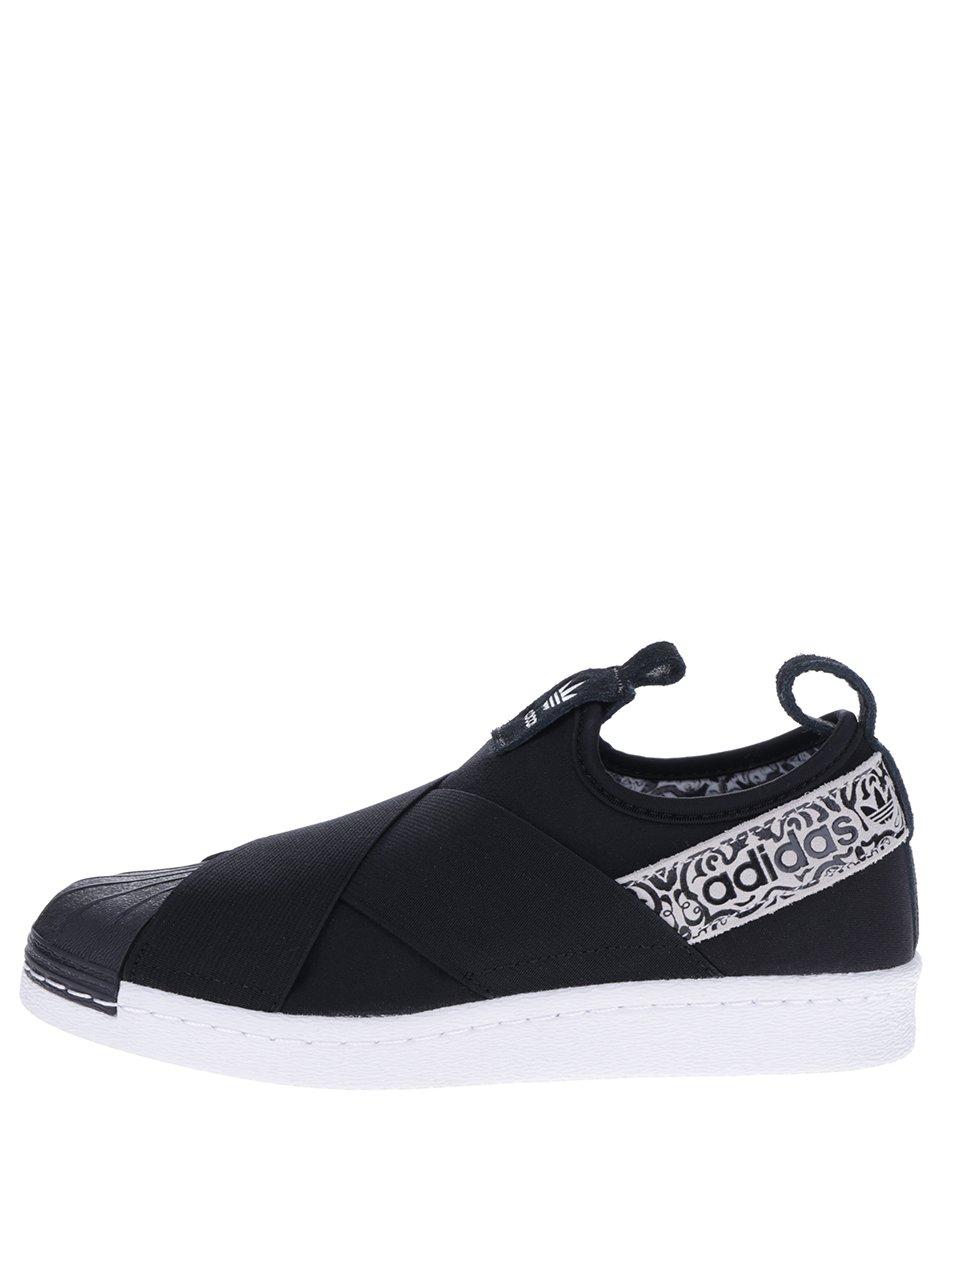 Černé dámské slip on tenisky s ozdobným vzorem adidas Originals Superstar